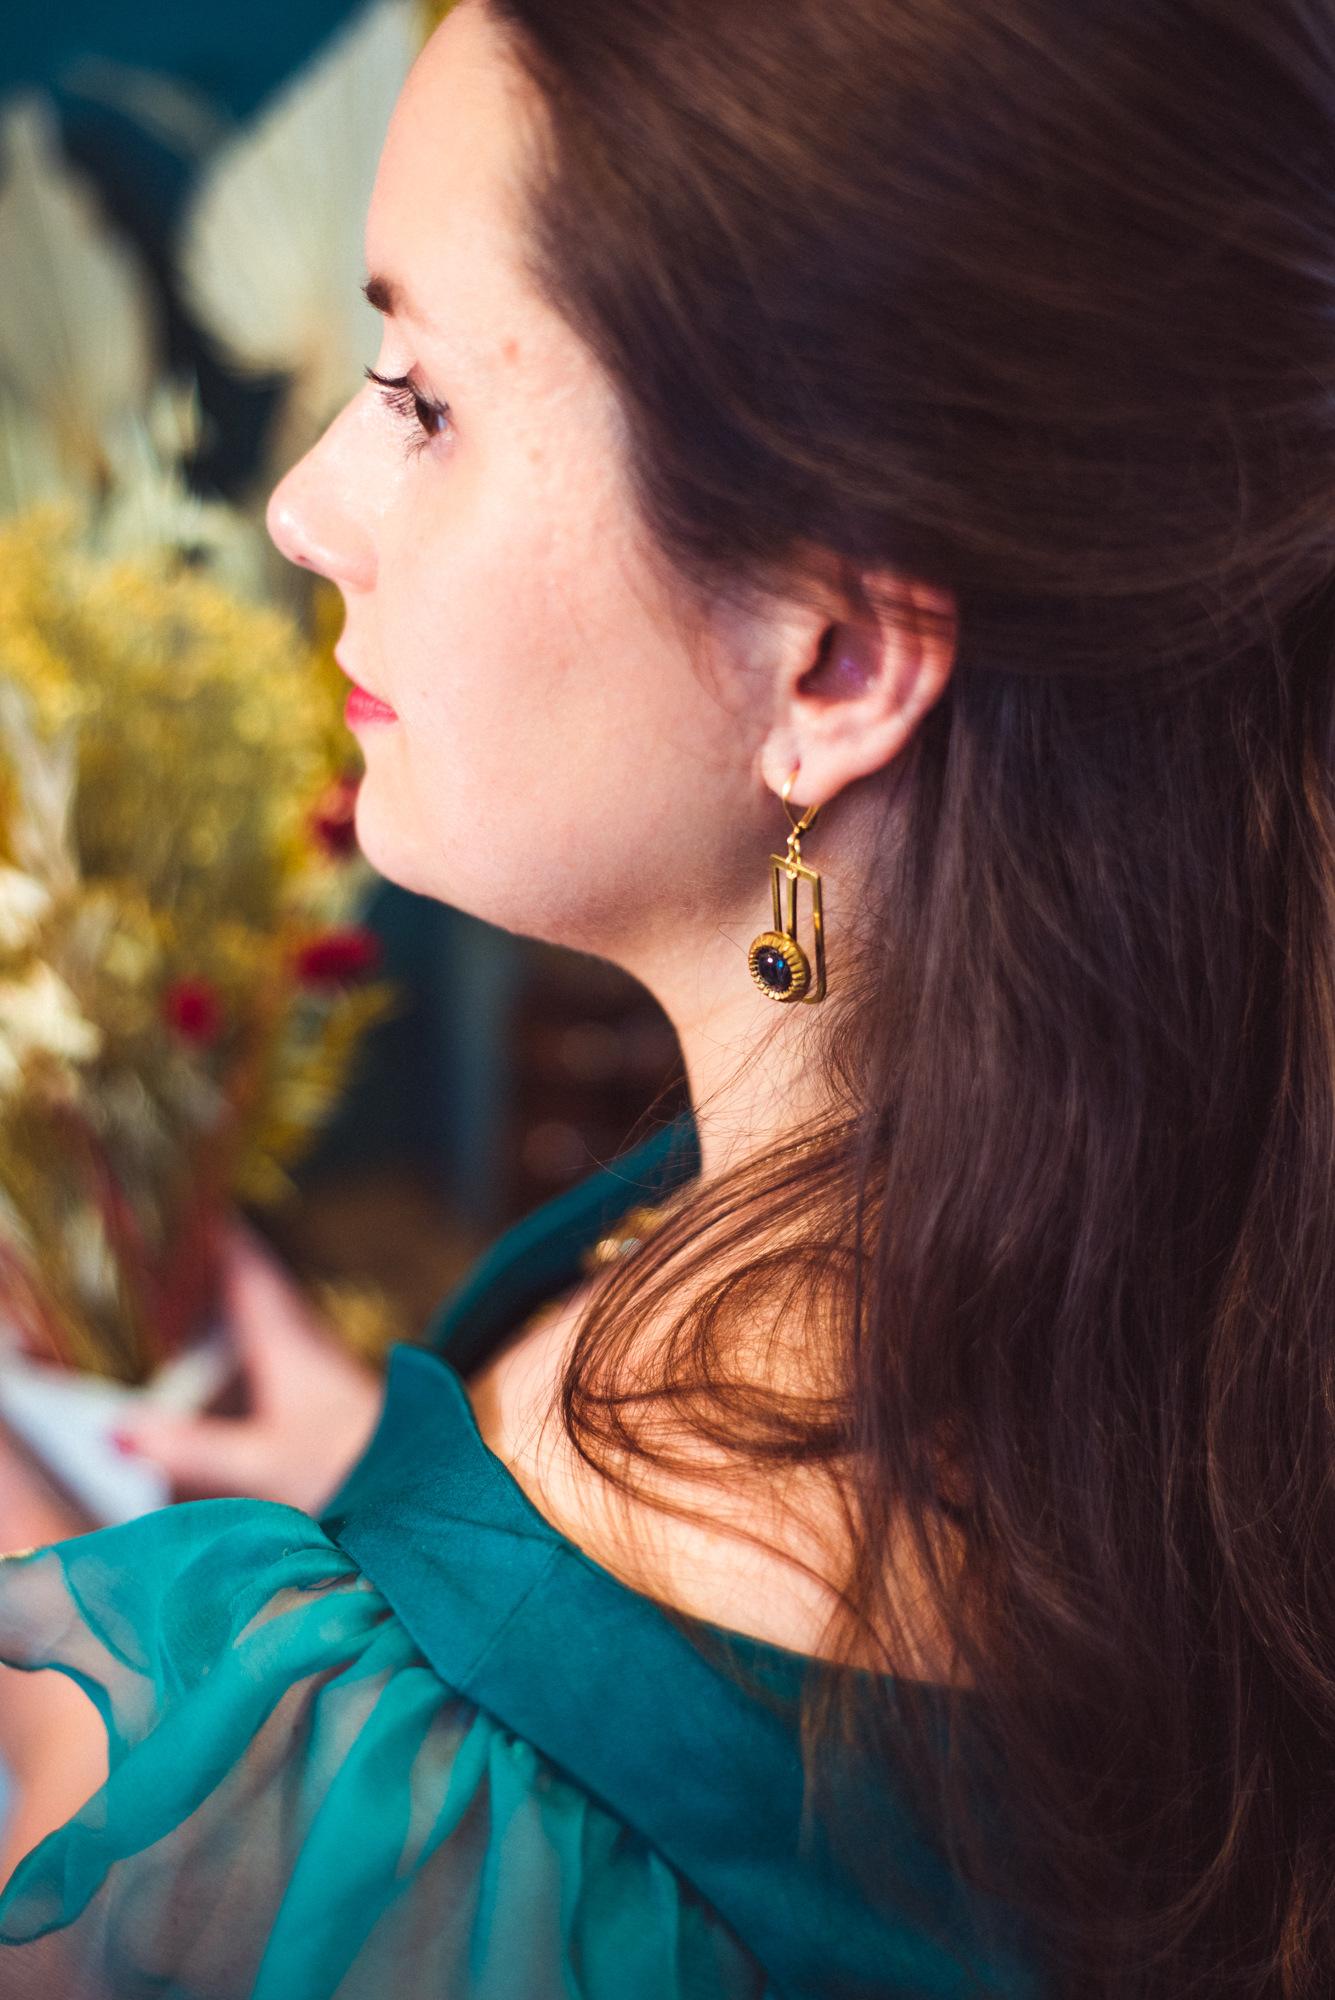 Assuna - Boucles Ysée Eva - bijoux léger géométrique bouton ancien inspiration vintage - look